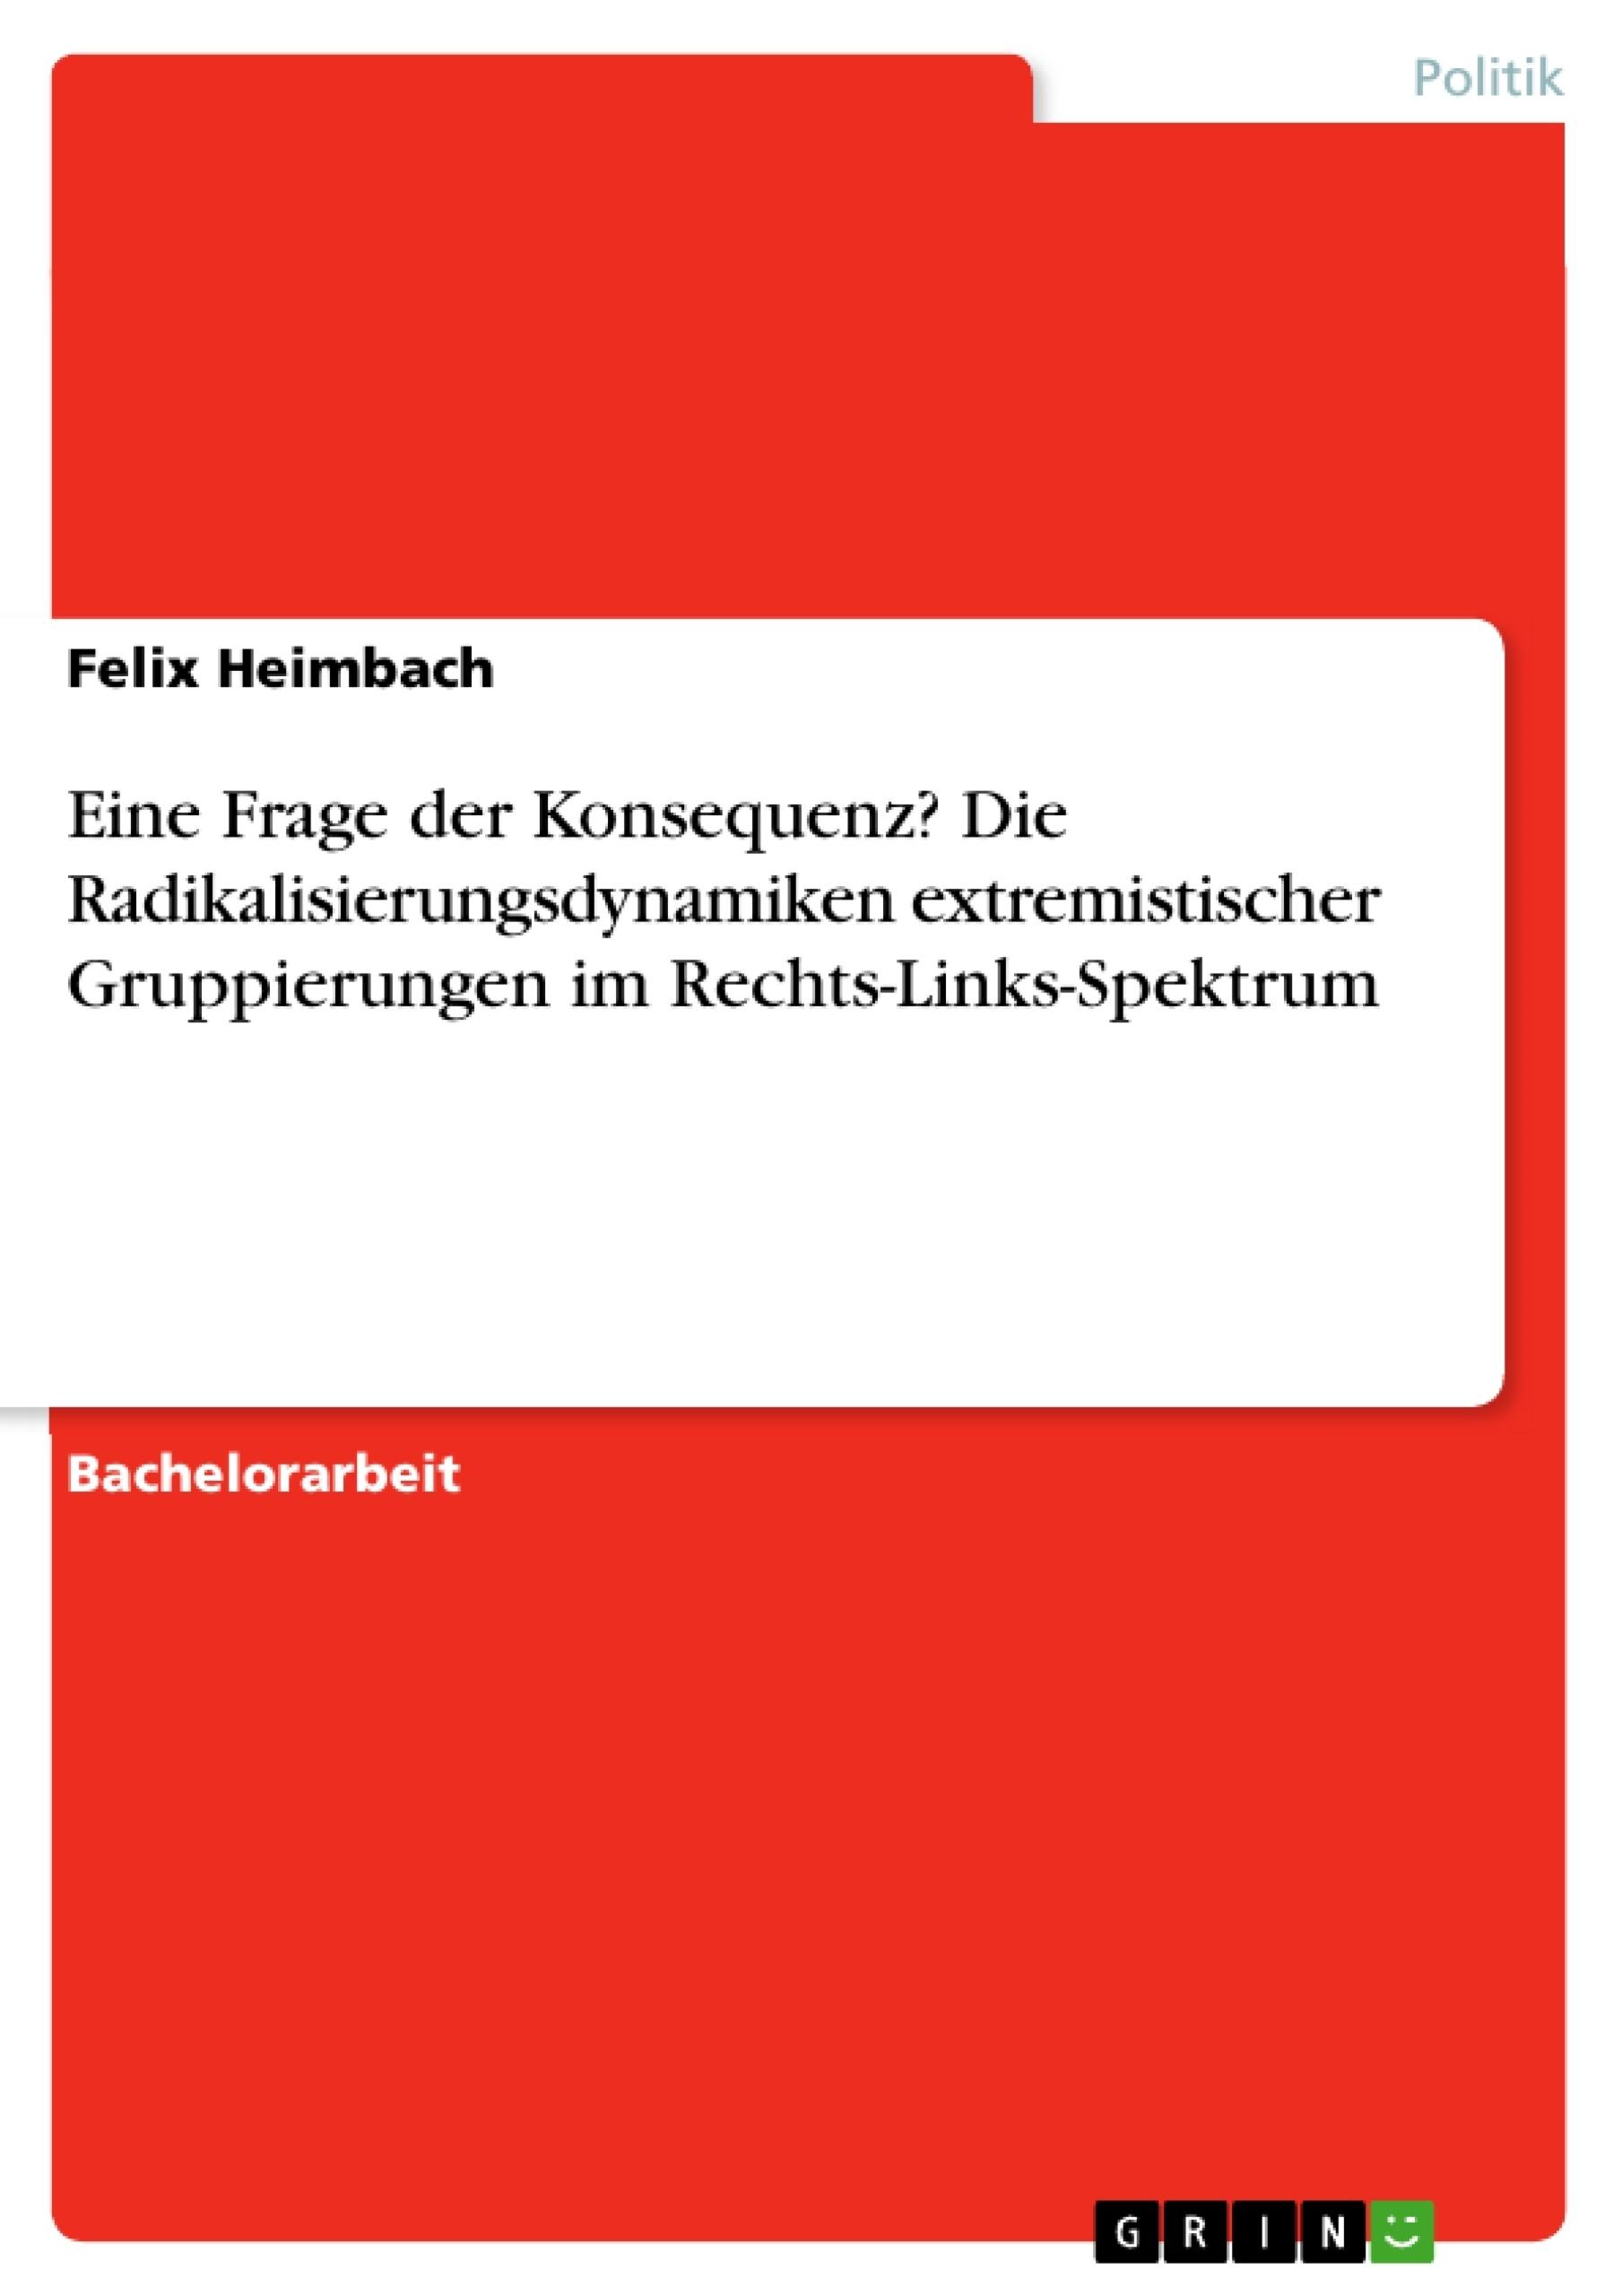 Titel: Eine Frage der Konsequenz? Die Radikalisierungsdynamiken extremistischer Gruppierungen im Rechts-Links-Spektrum